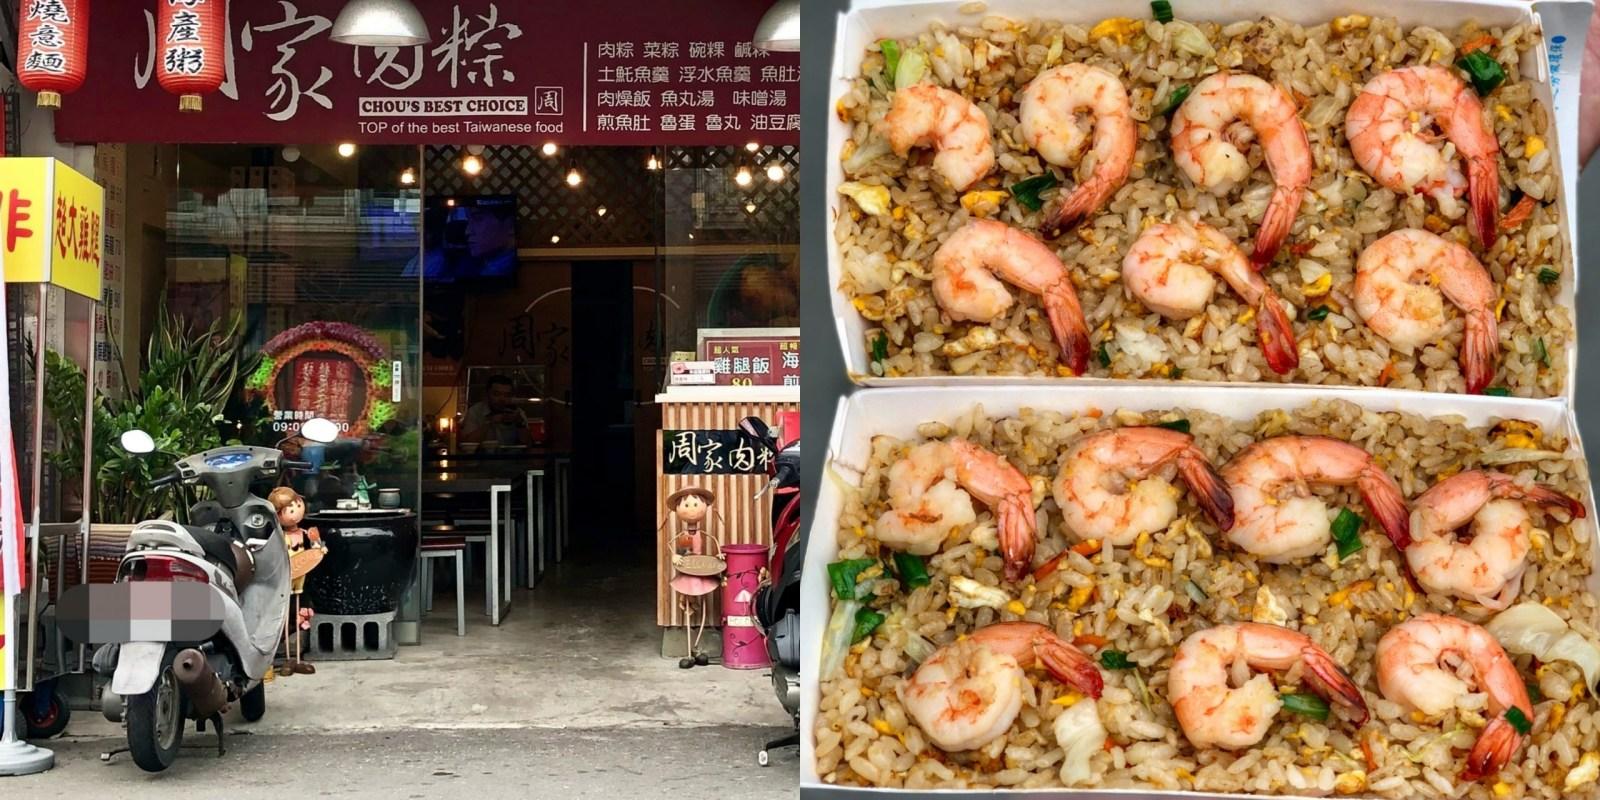 【台南美食】周家古早味碗粿/肉粽|七隻大蝦擺好擺滿,每一口都能吃得到清爽鮮甜的滋味!